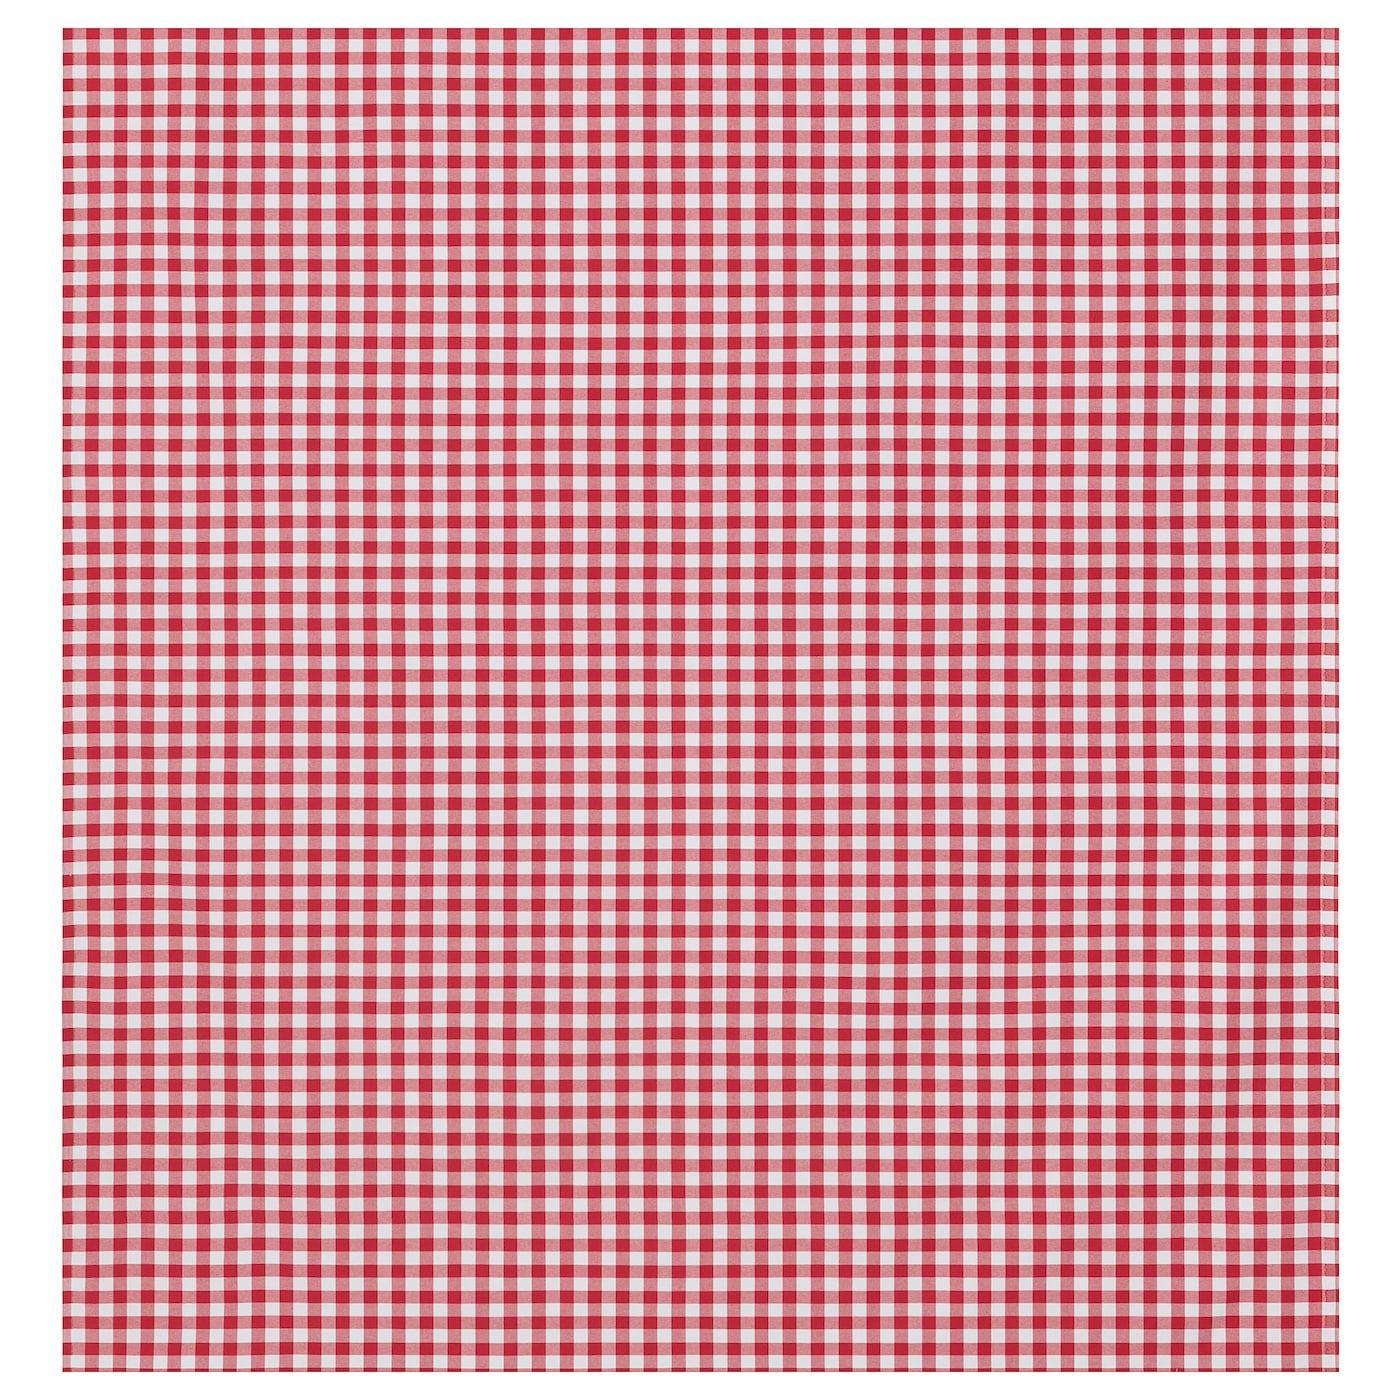 Berta Ruta Medium Check Red White Big Check Red Fabric Ikea Meterware Ikea Rot